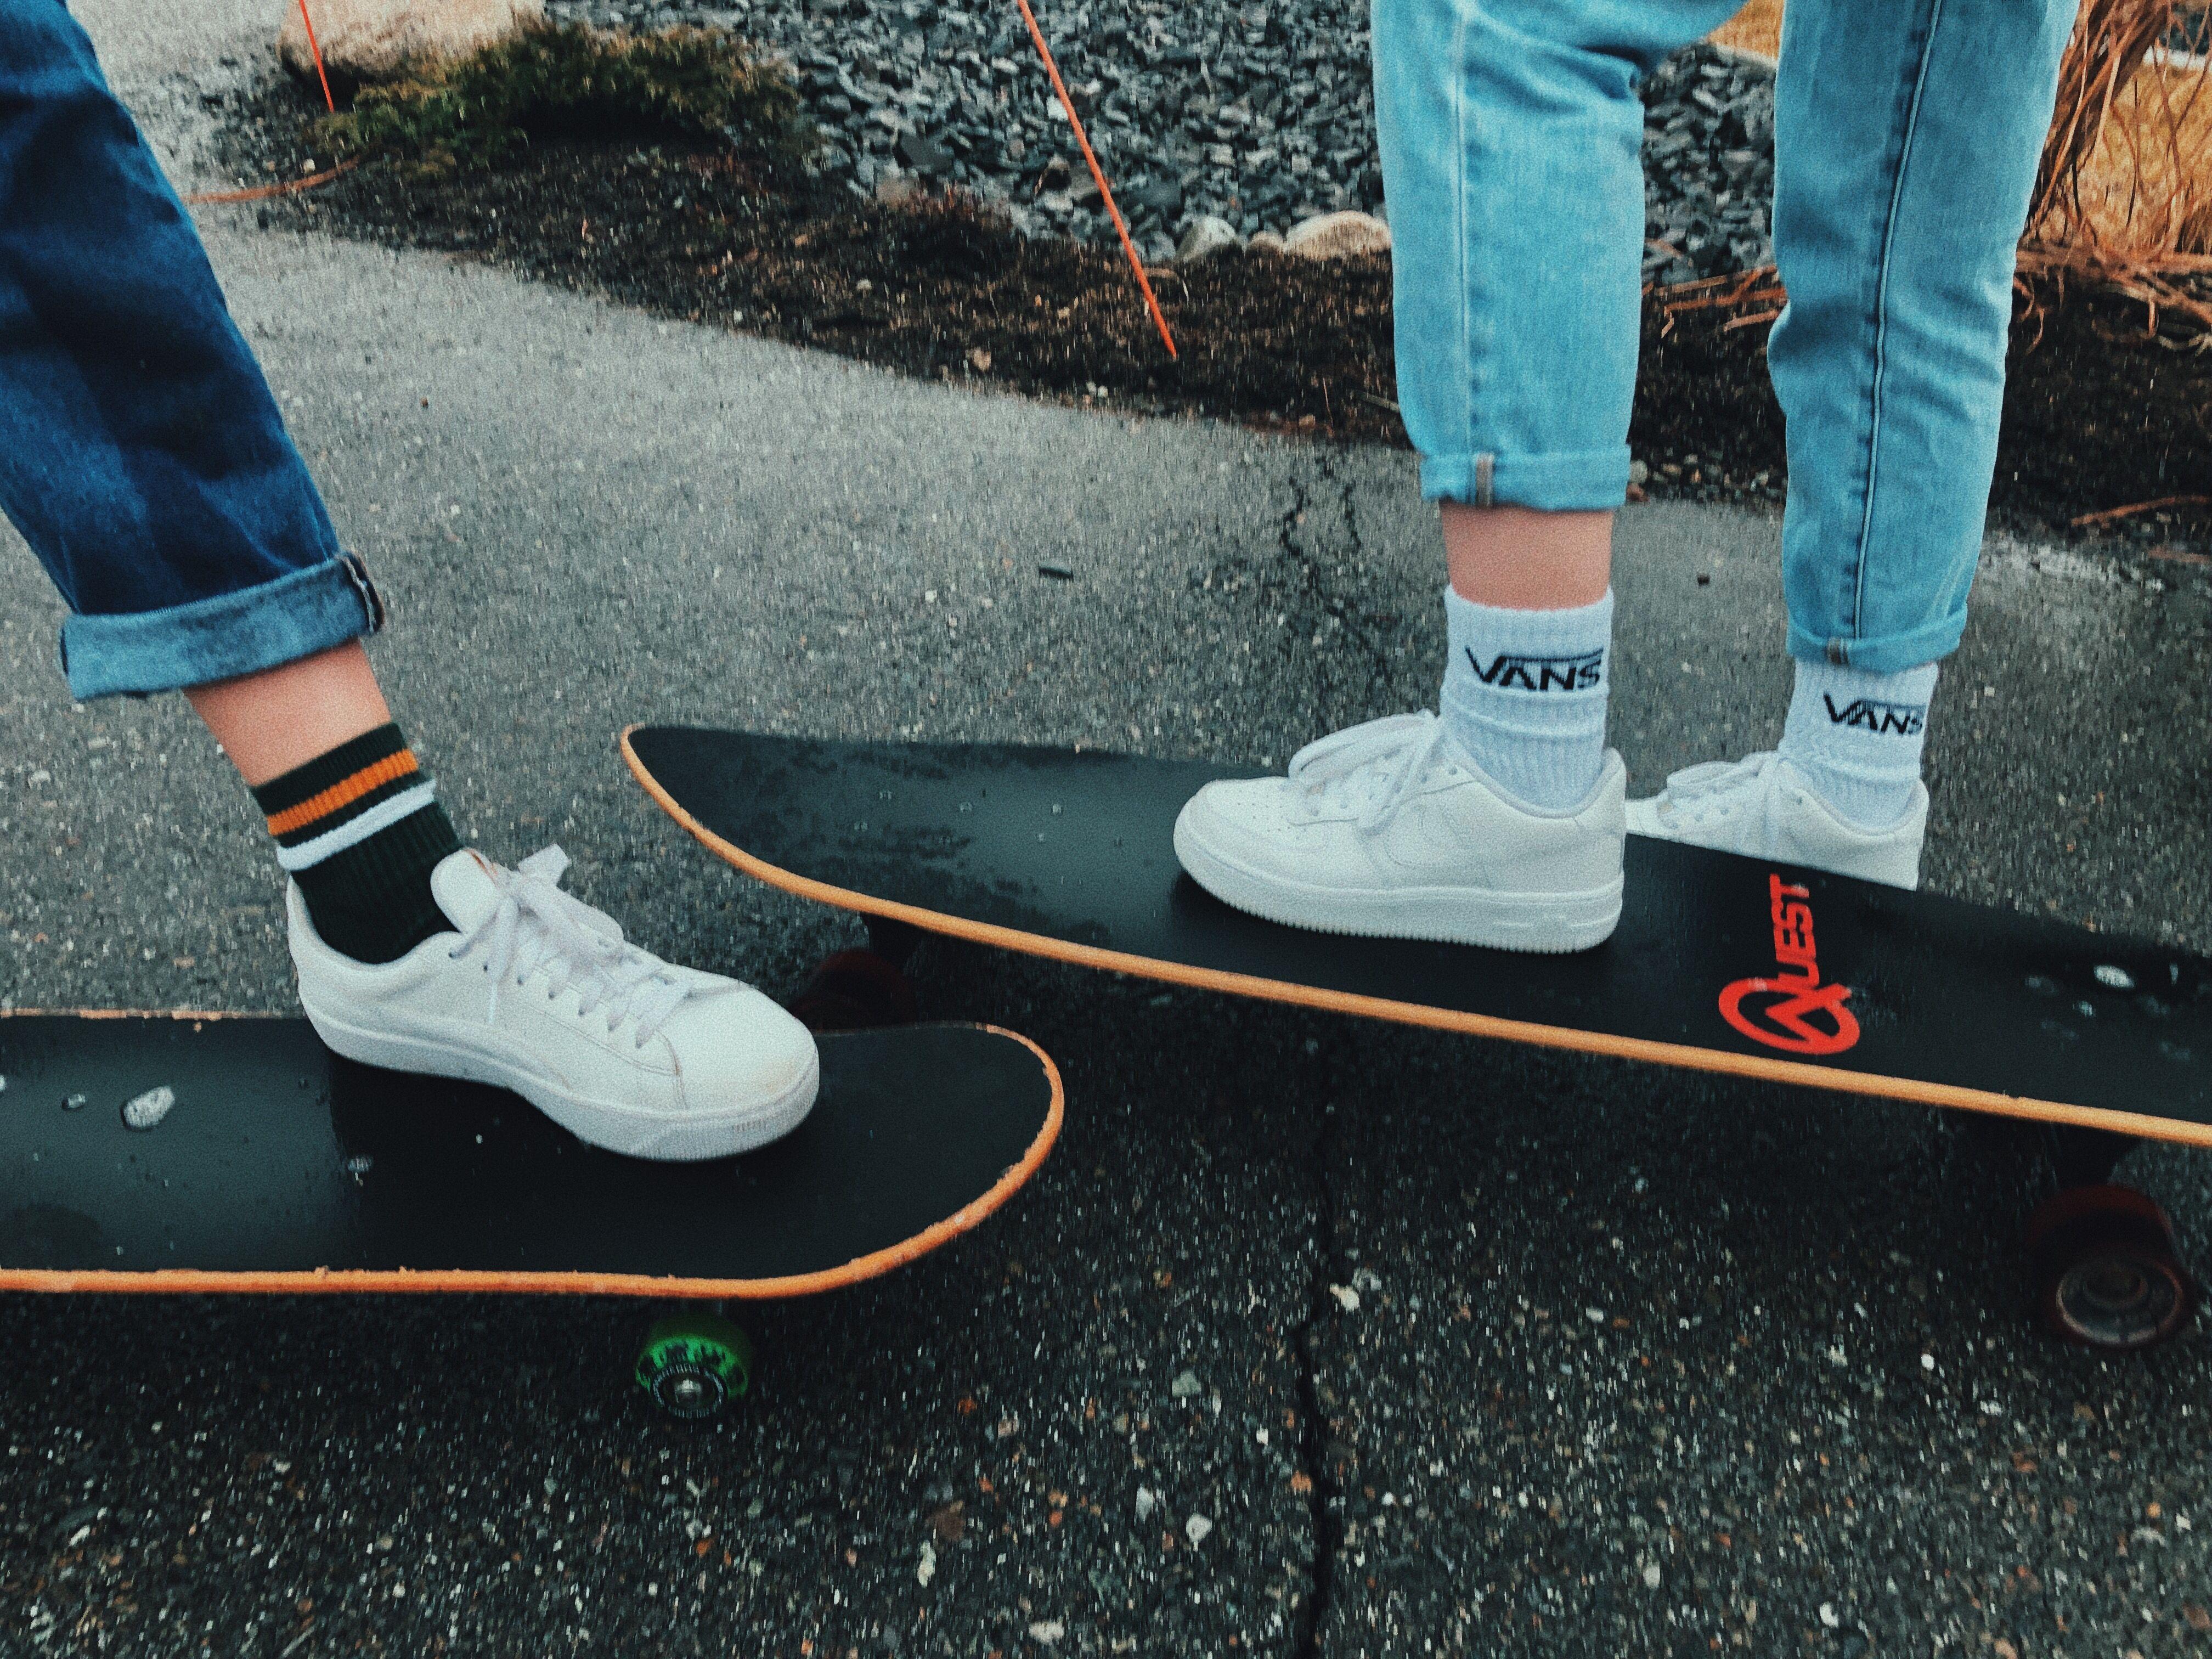 Skateboarding With Images Skateboard Vsco Hummel Sneaker